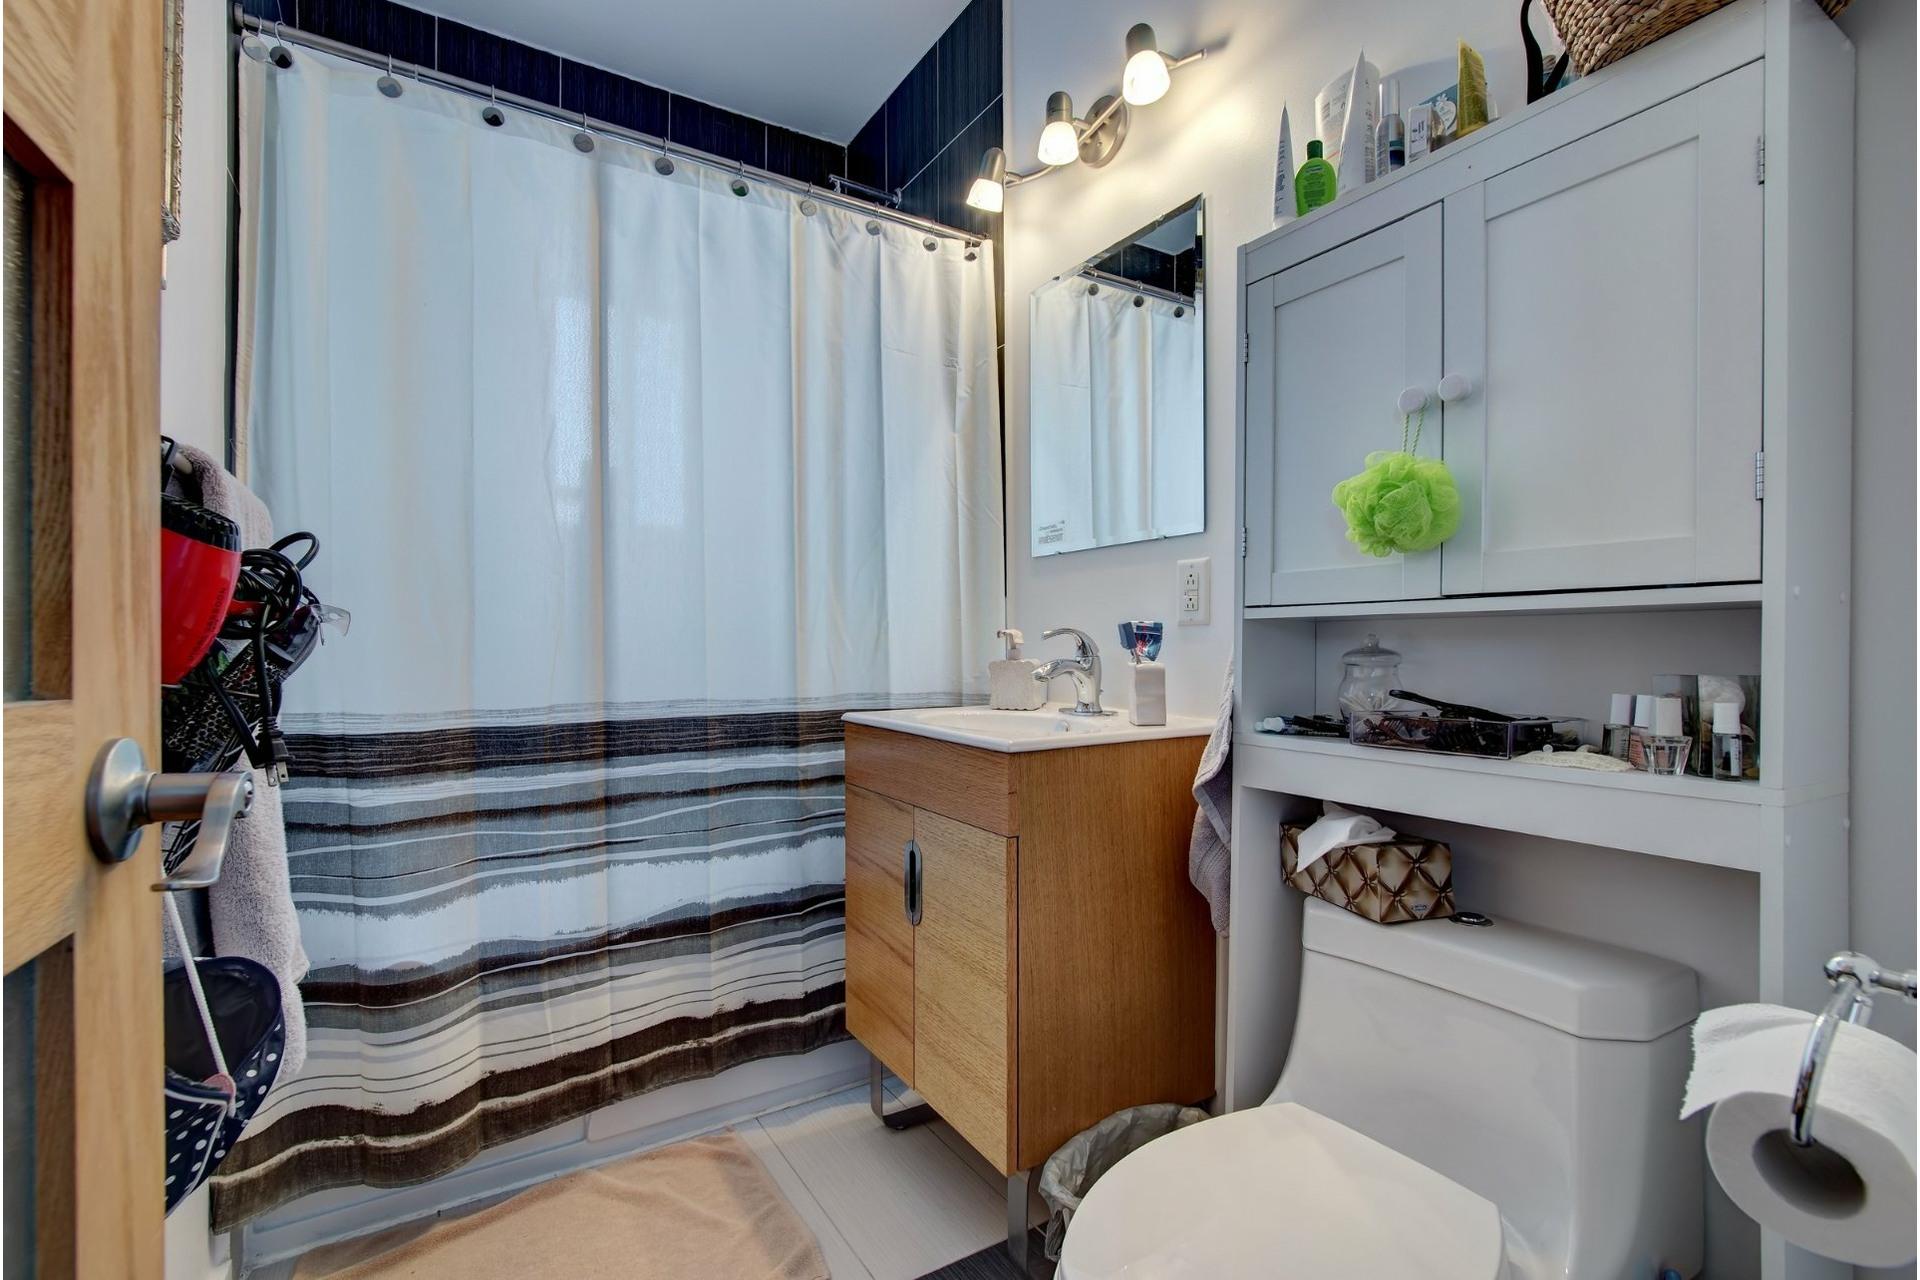 image 9 - Quadruplex For sale Rivière-des-Prairies/Pointe-aux-Trembles Montréal  - 4 rooms